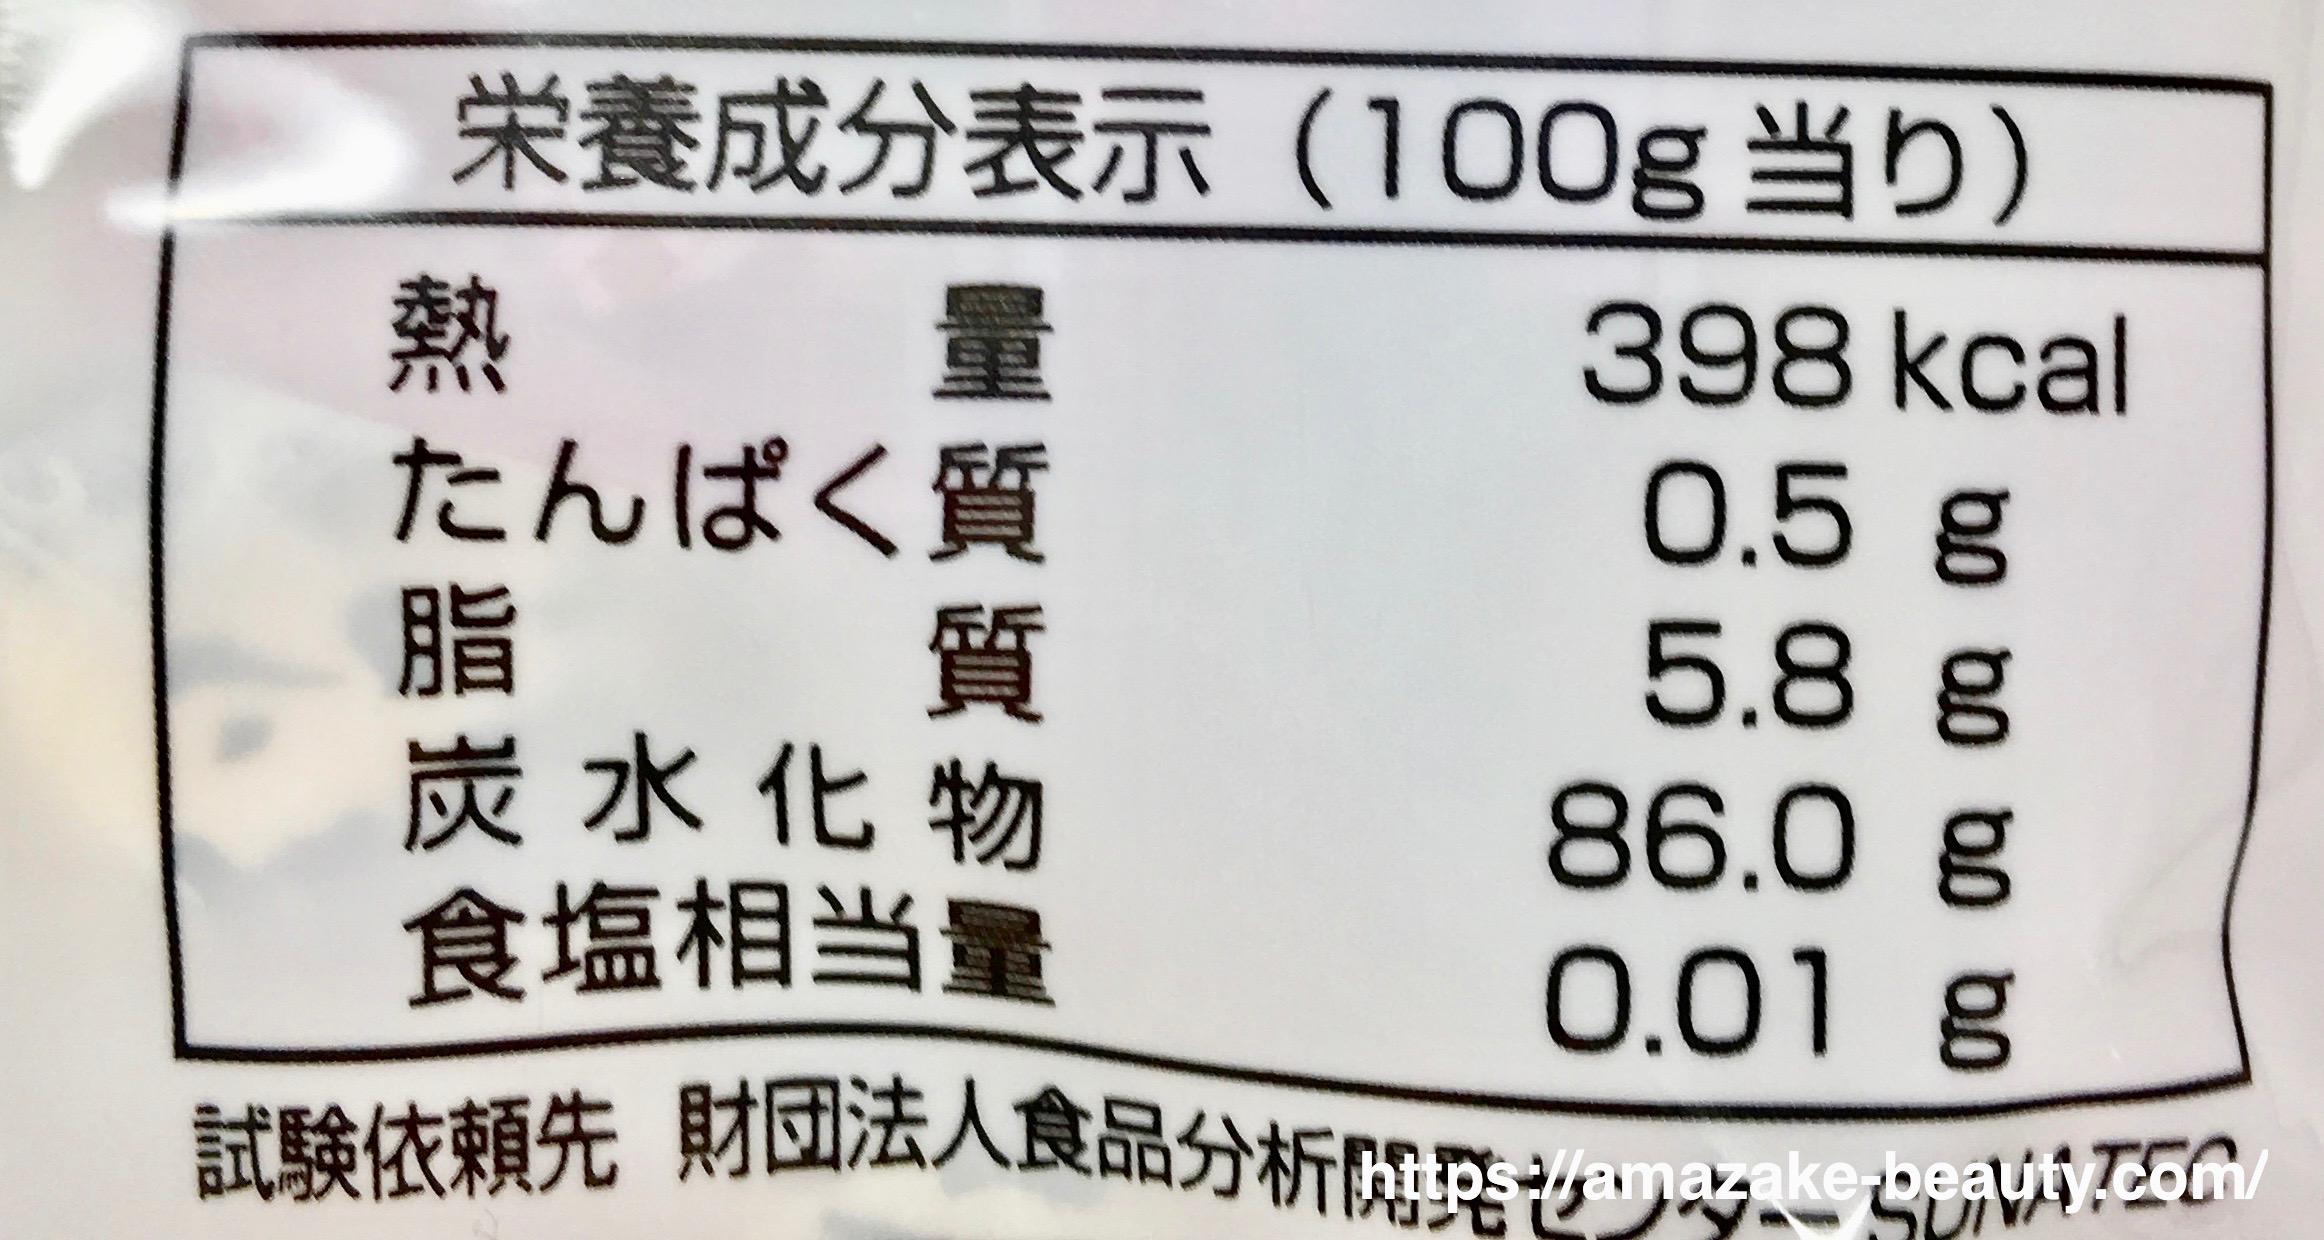 【甘酒甘味】松屋製菓『ソフト甘酒飴』(栄養成分表示)